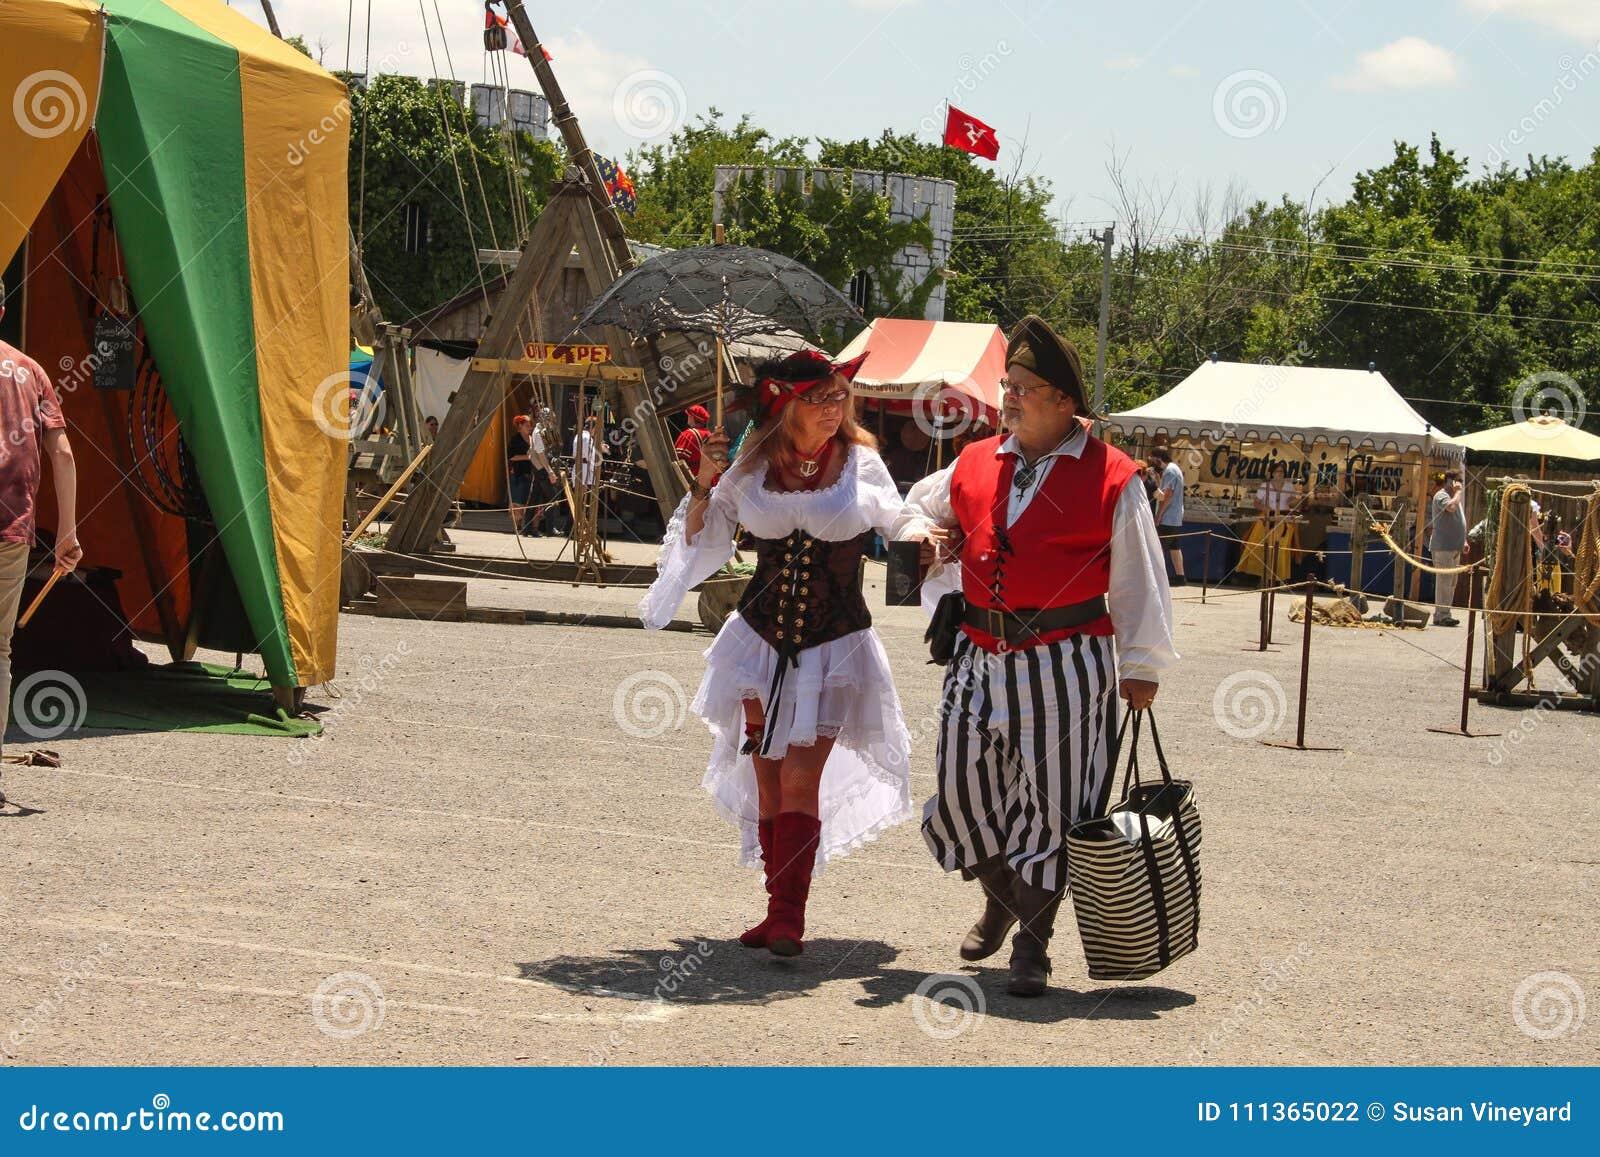 Η ηλικιωμένη γυναίκα έντυσε στο πολύ προκλητικό κοστούμι και ο ηληκιωμένος έντυσε ως πειρατής εξετάζει ο ένας τον άλλον στοργικά